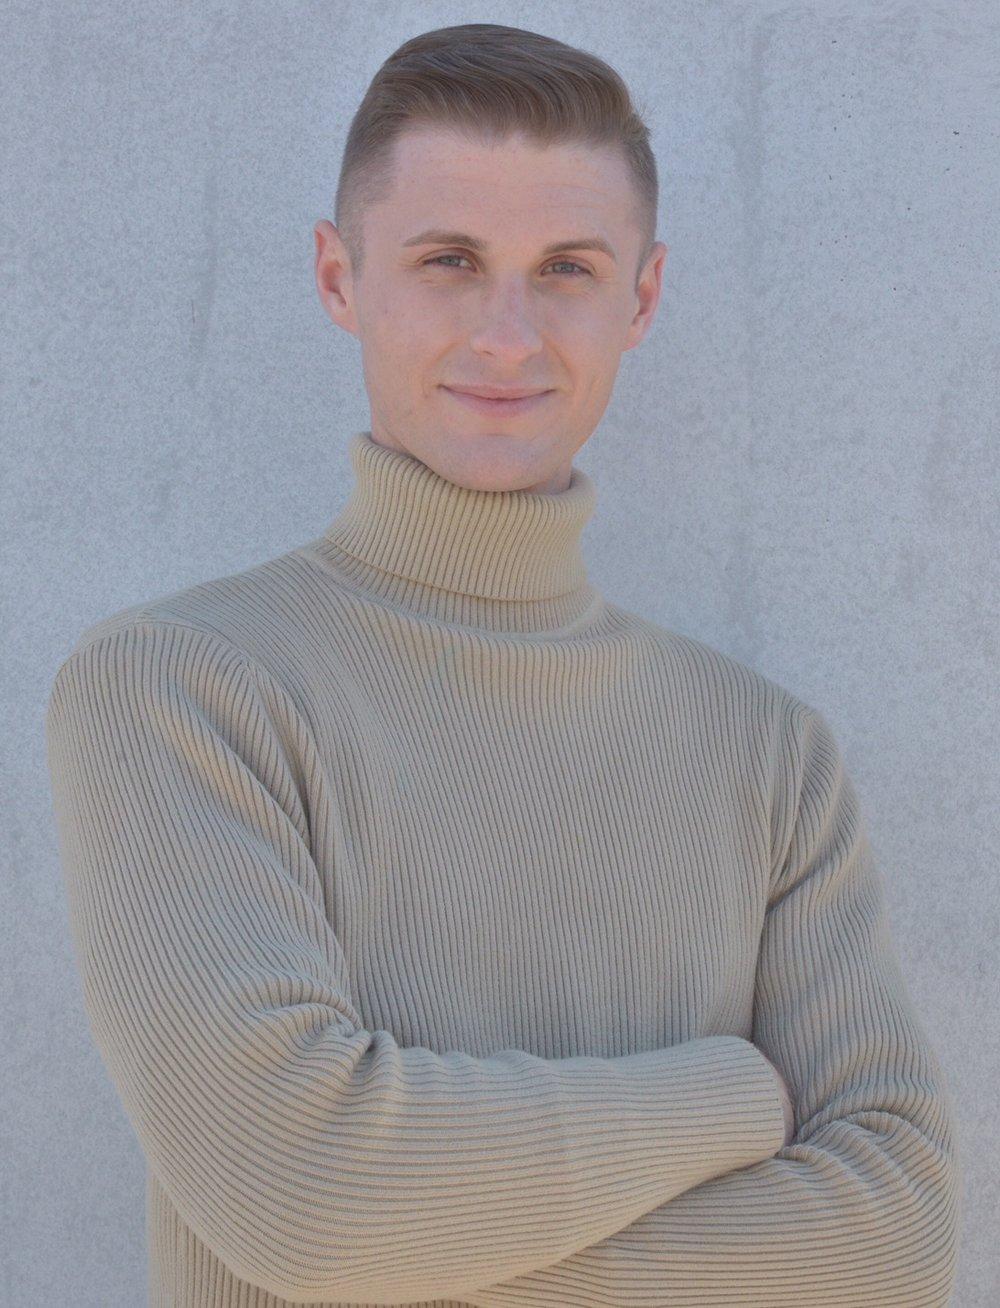 Evan Wesley Currie